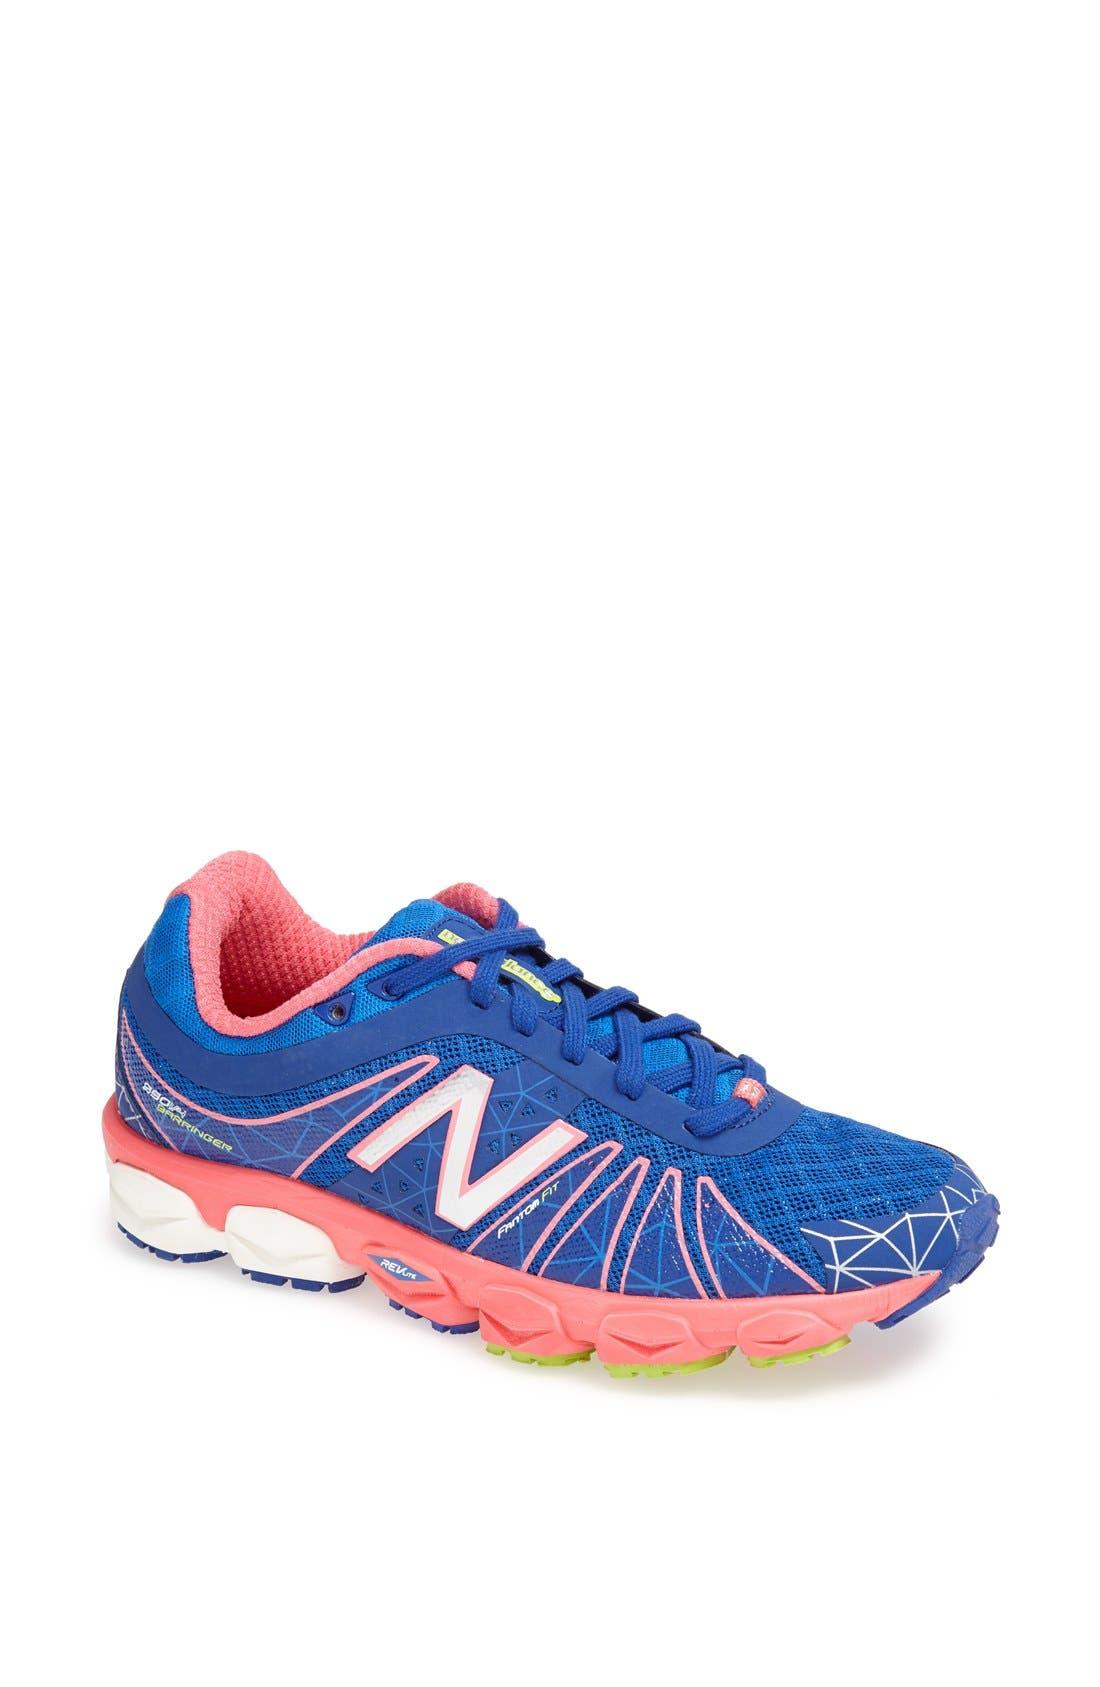 Main Image - New Balance '890' Running Shoe (Women)